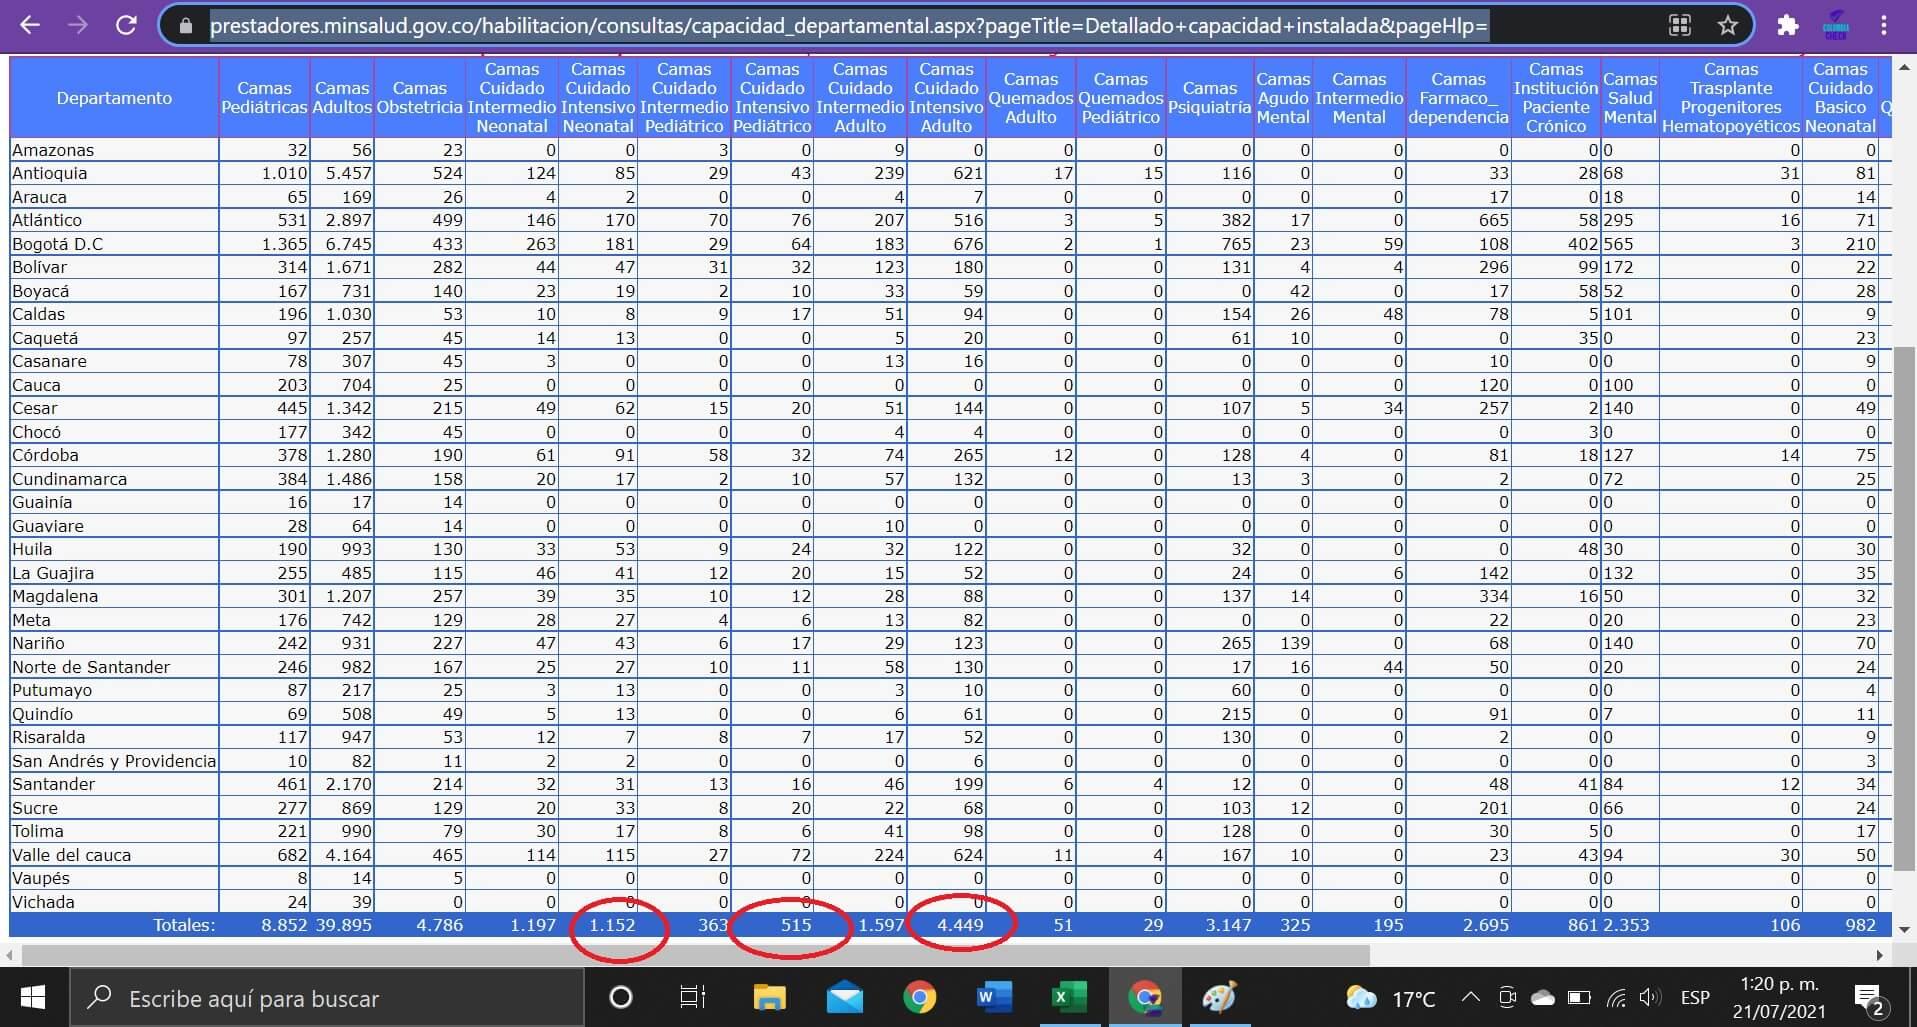 Pantallazo de la base de datos de UCI en REPS al 21/07/2021